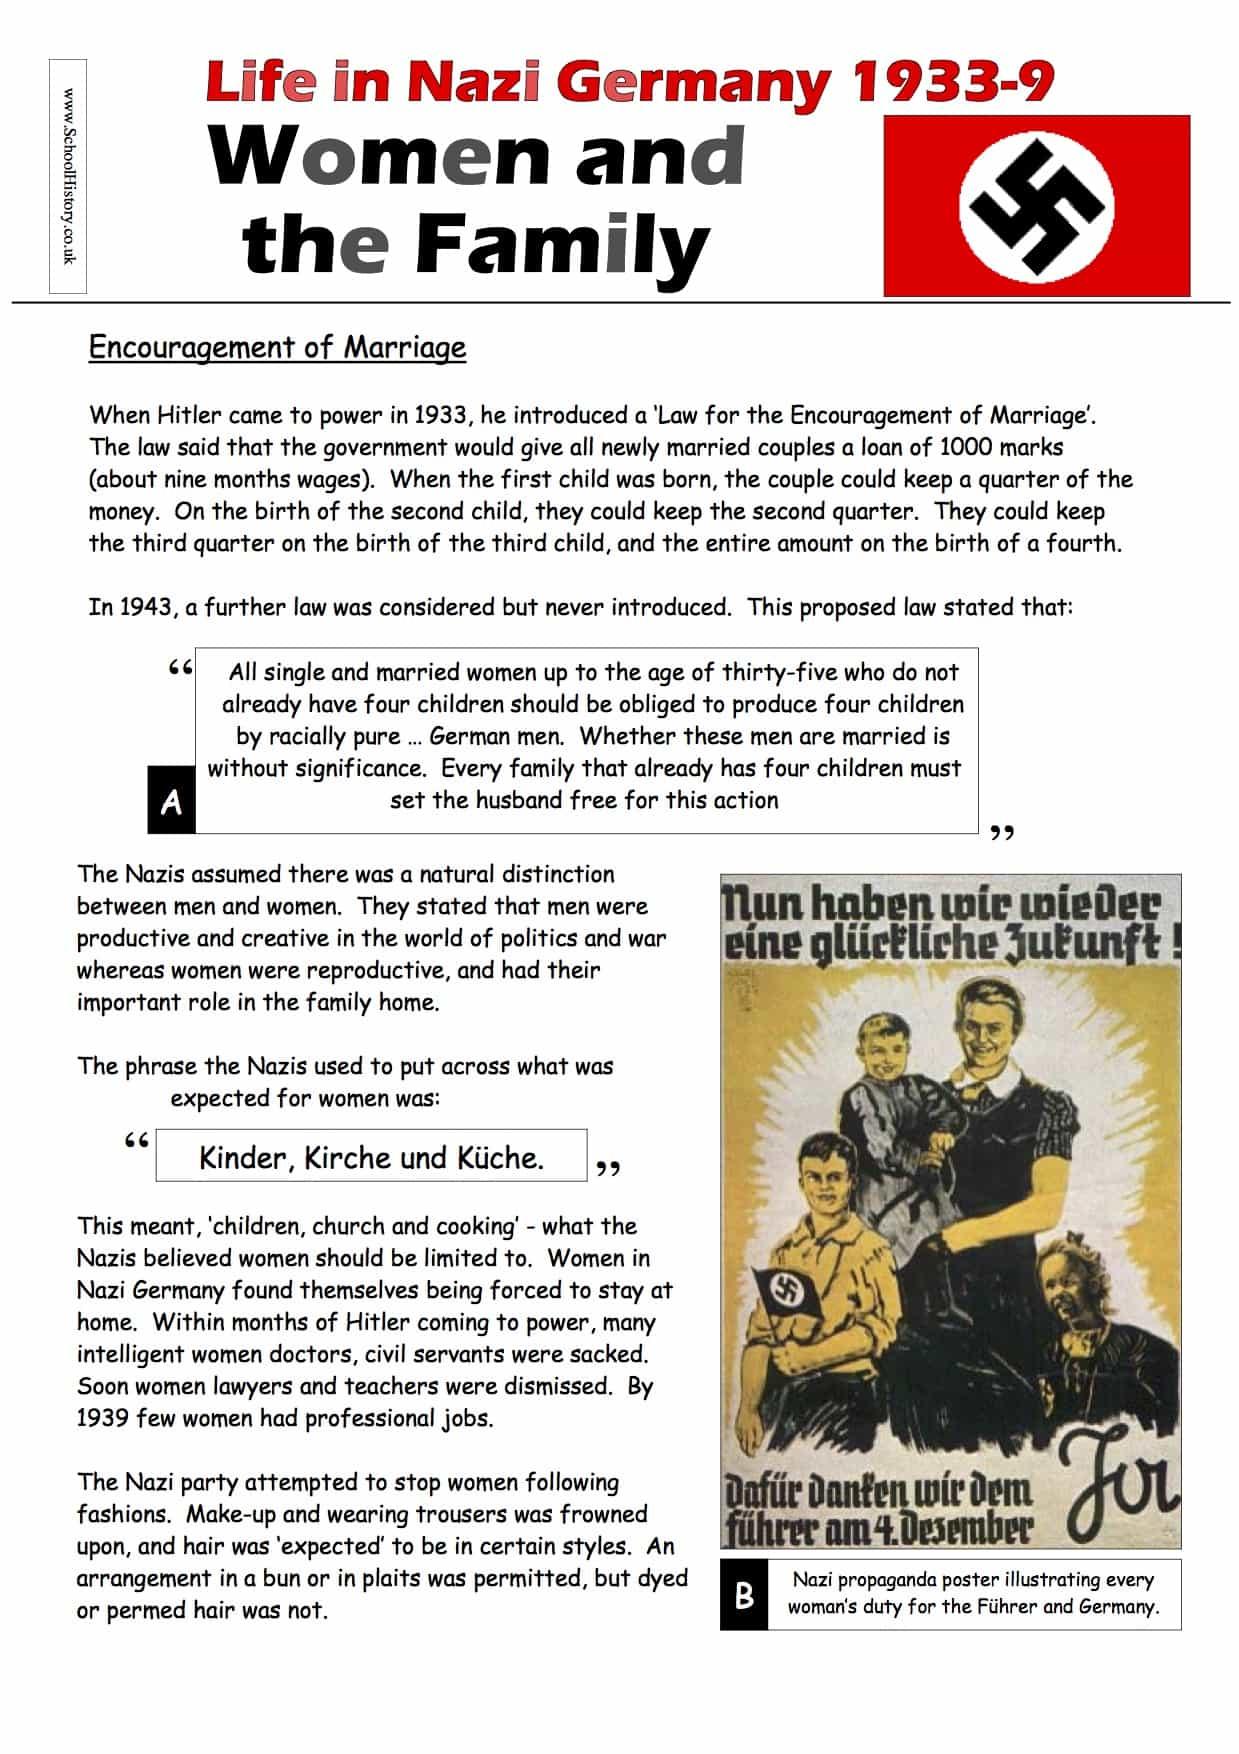 Women In Nazi Germany Worksheet